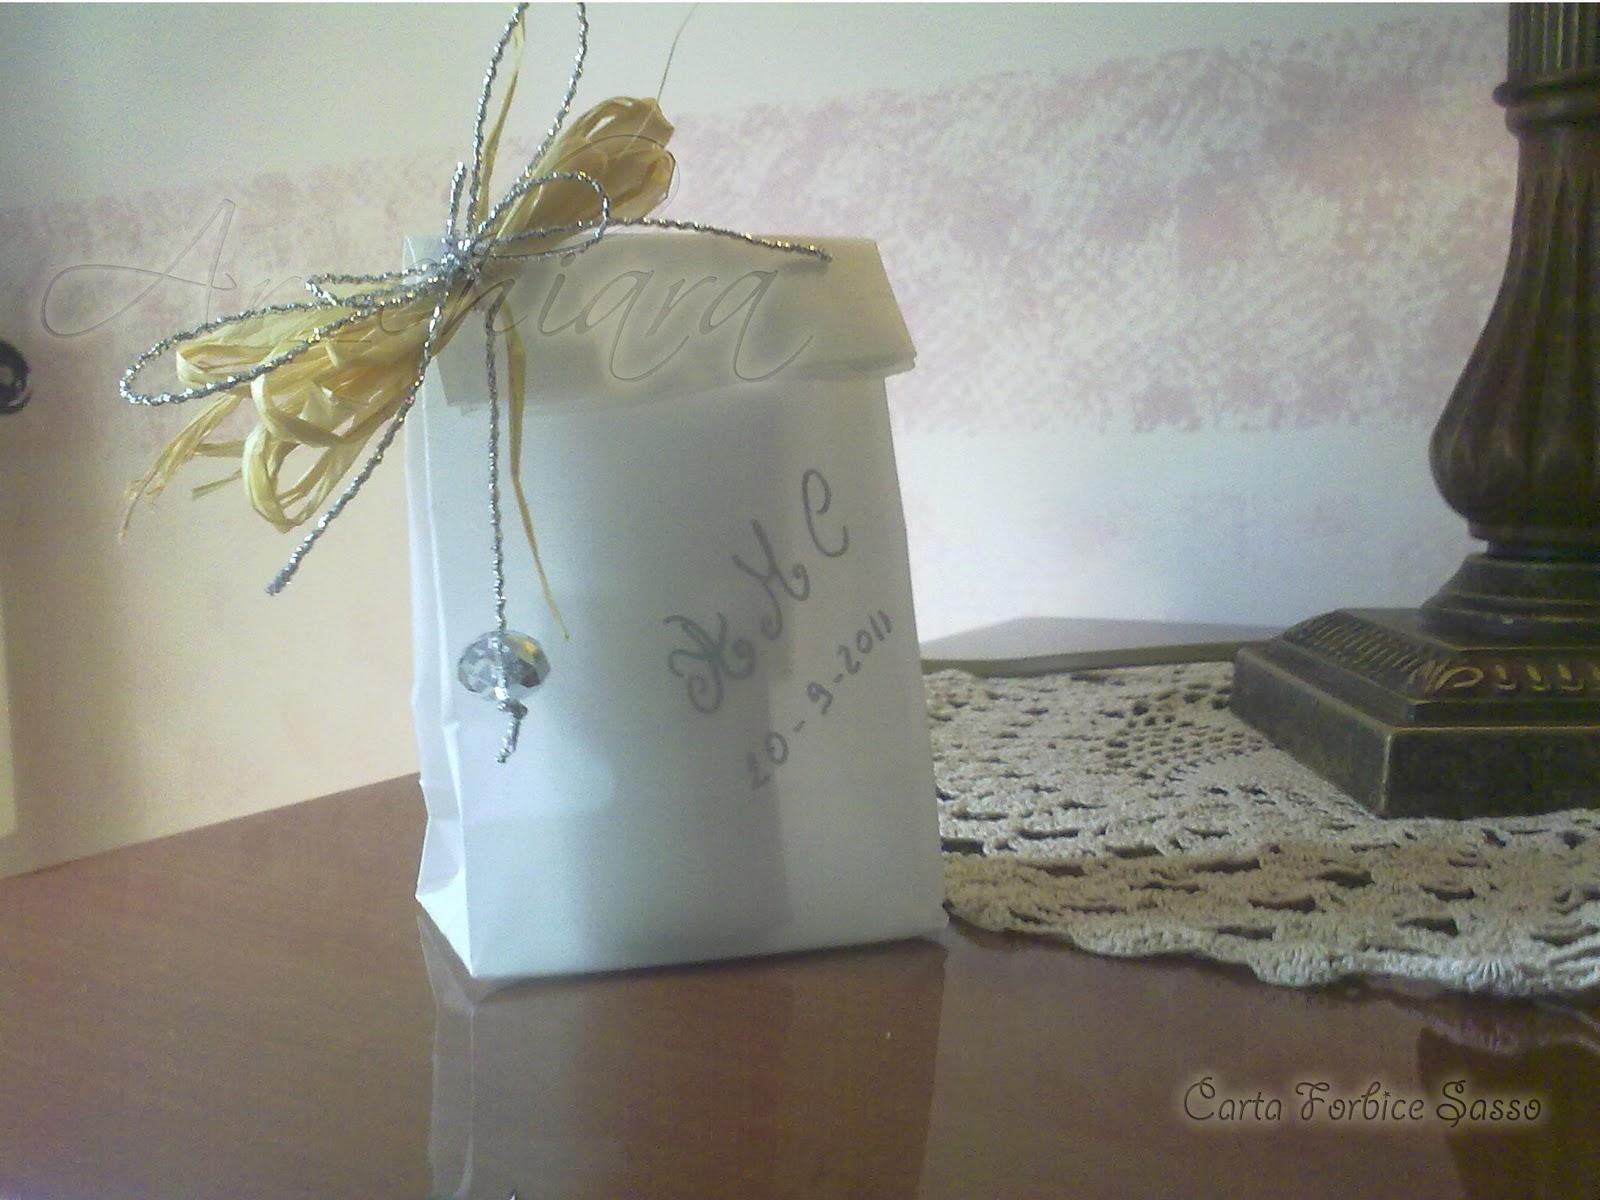 Estremamente Carta Forbice Sasso: Sacchettini portaconfetti di carta lucida, 25  BV81